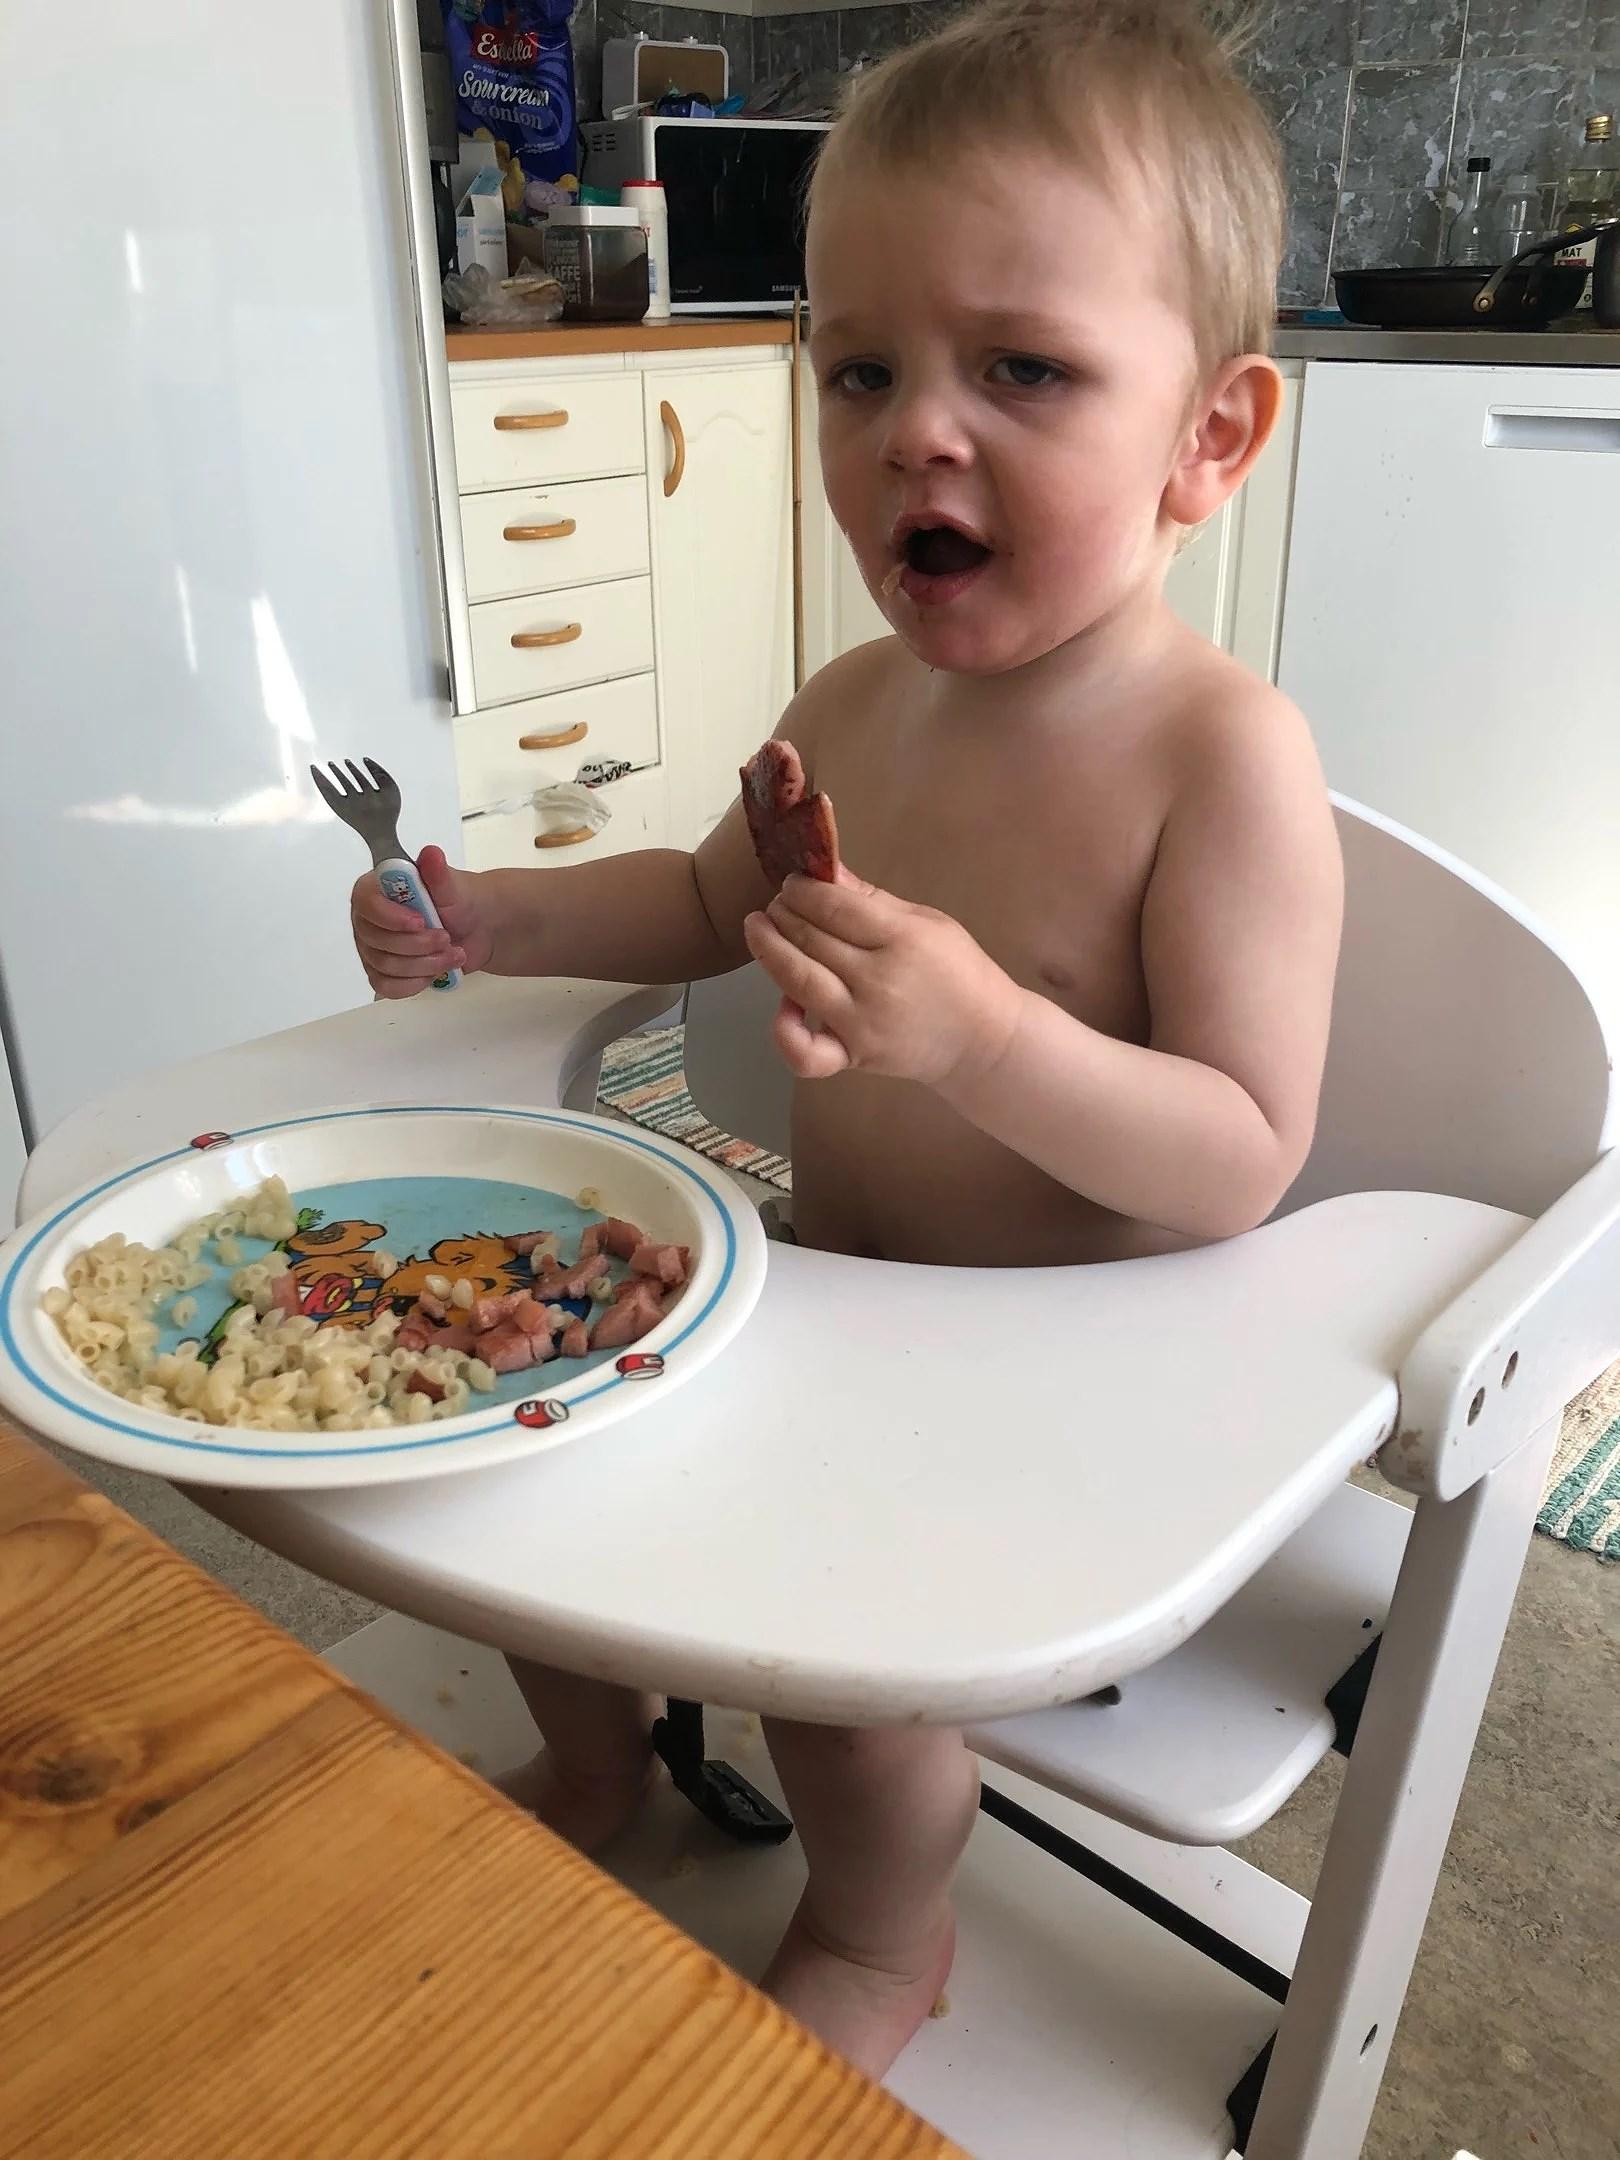 Fota ditt/dina barn när dom äter